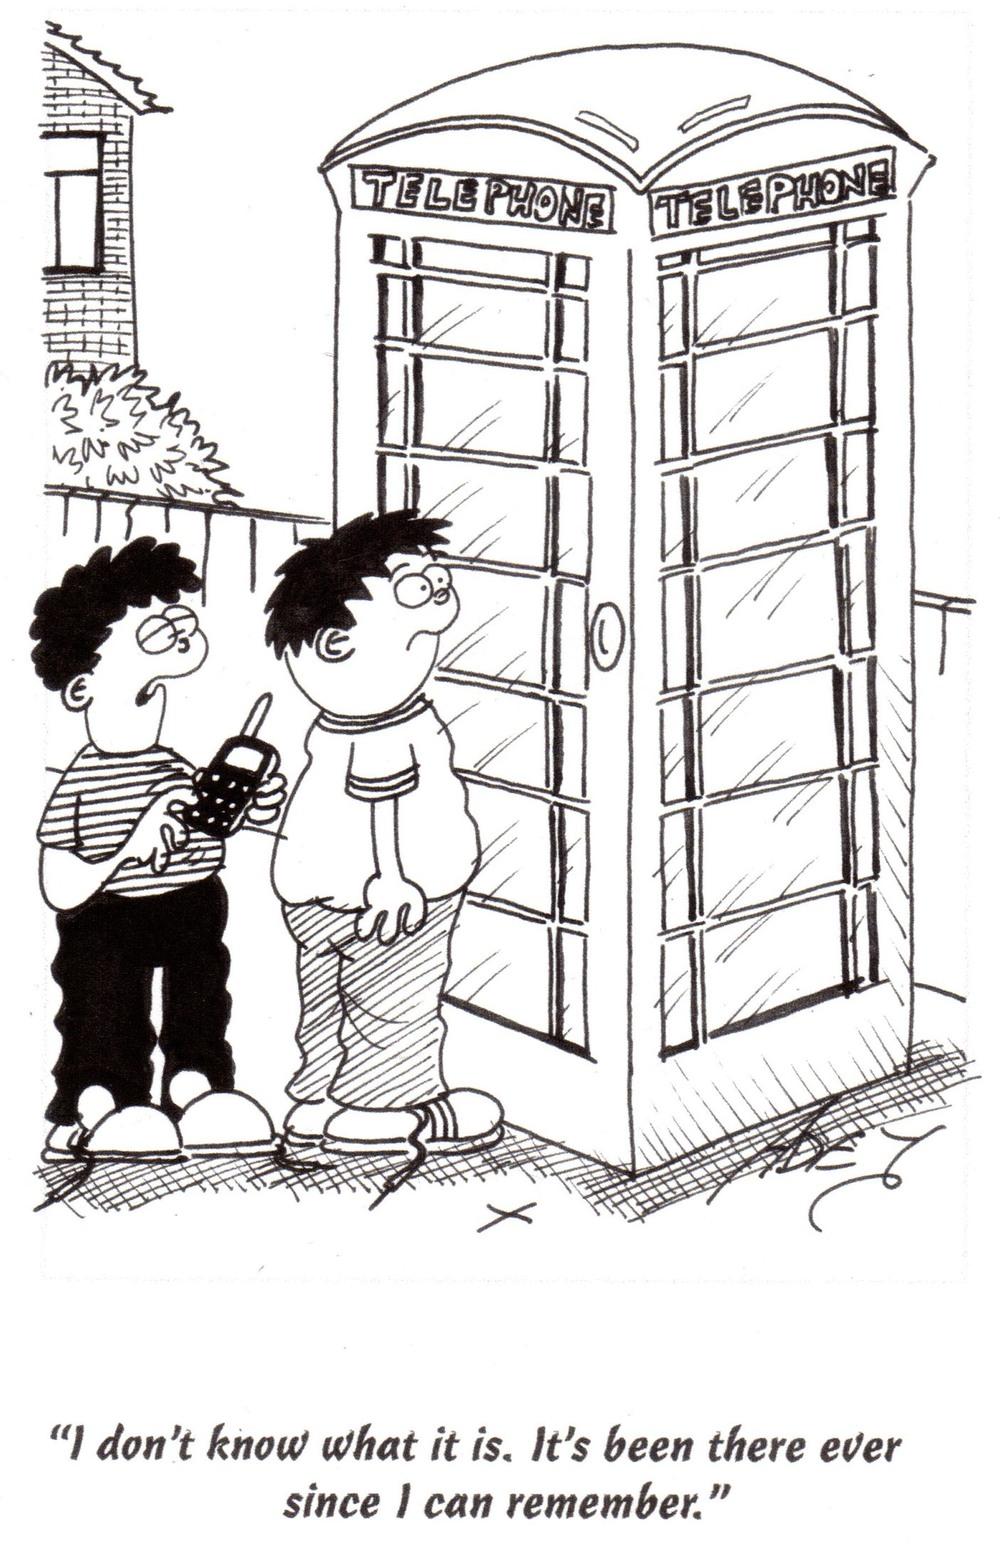 phoneboot.jpg